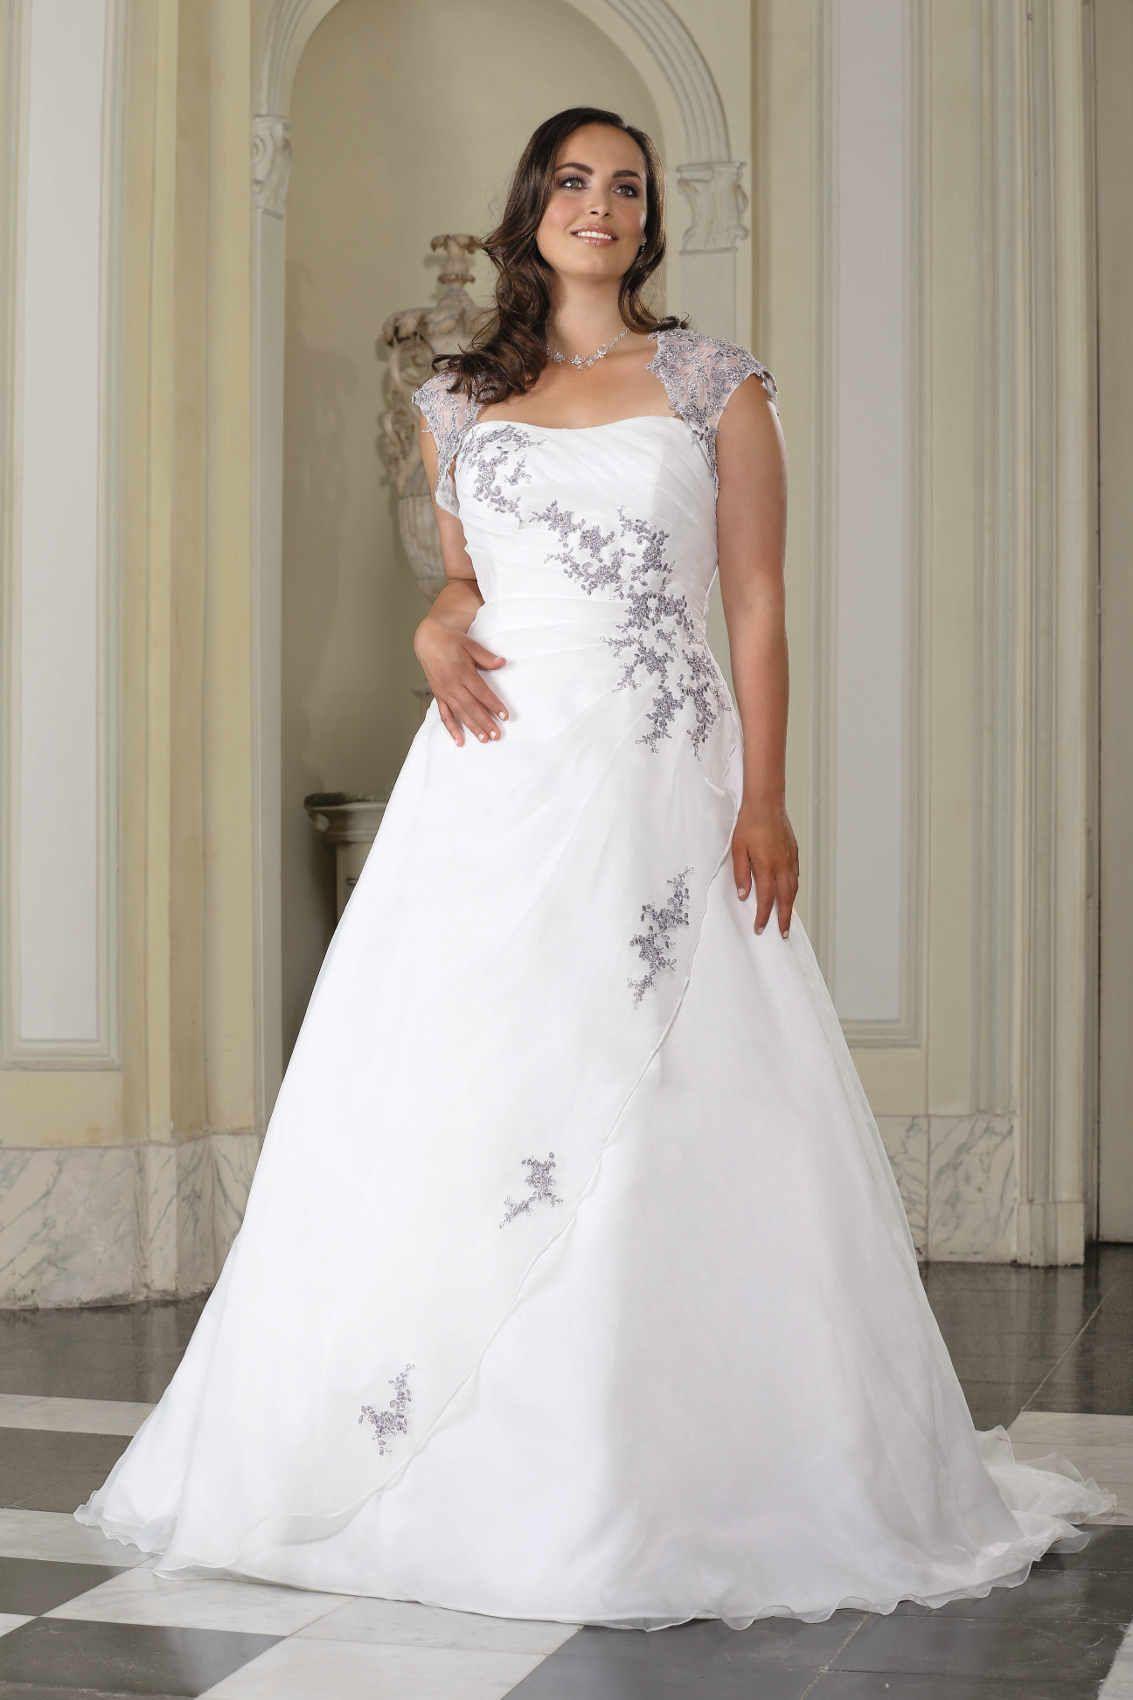 An mehr Infos zu Ladybird Brautkleidern interessiert? Alles rund um ...